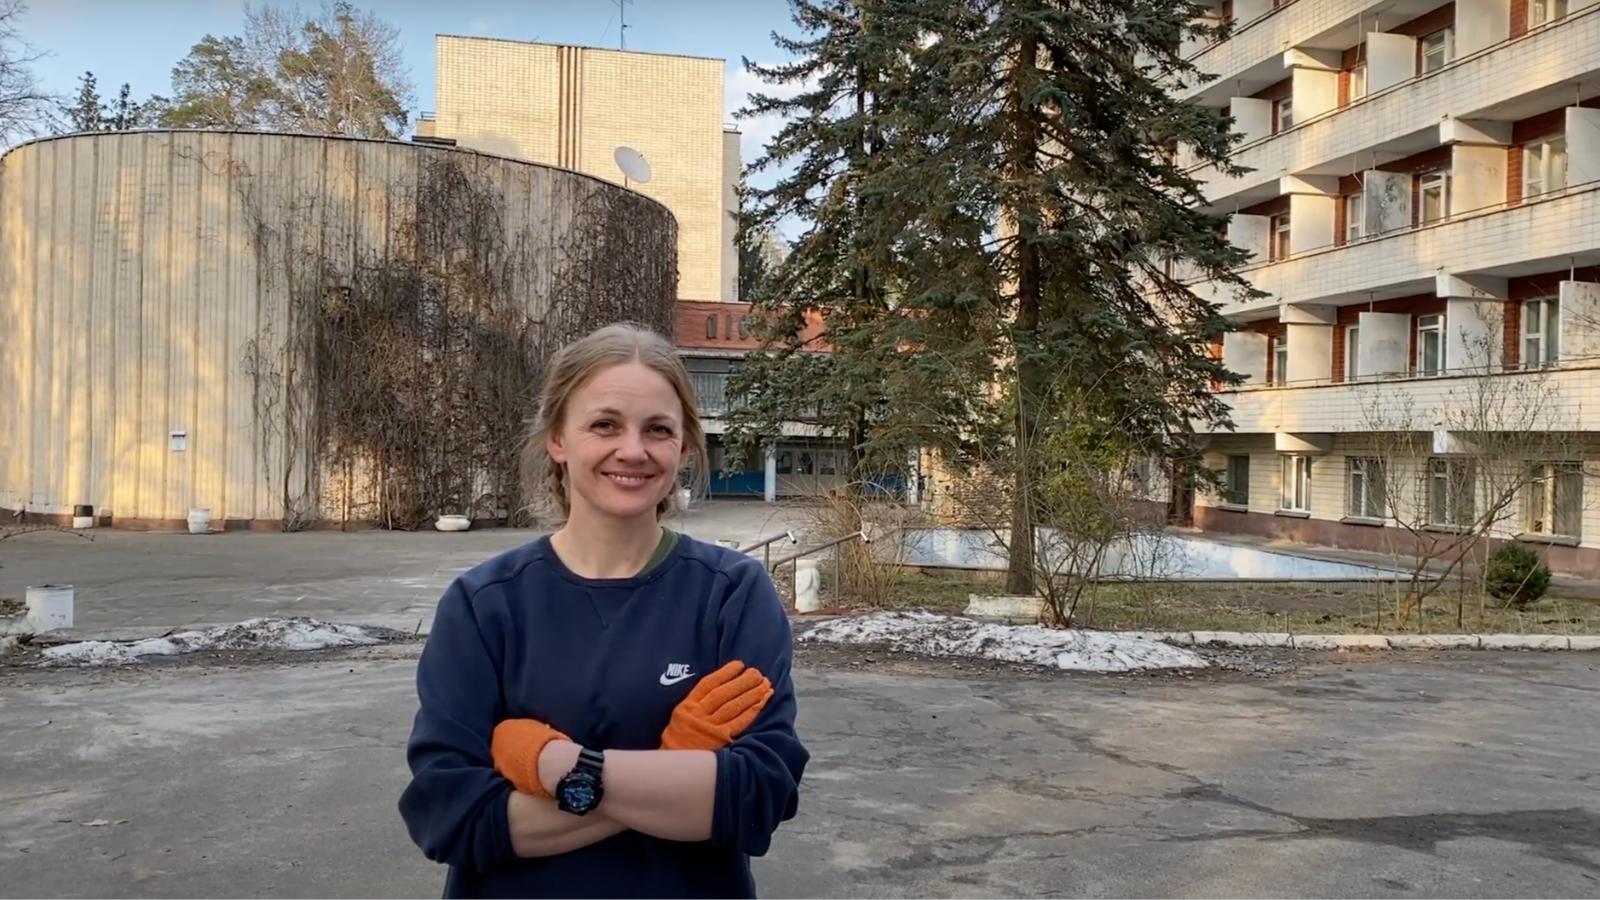 Поважати гідність: три історії про ініціативних українців